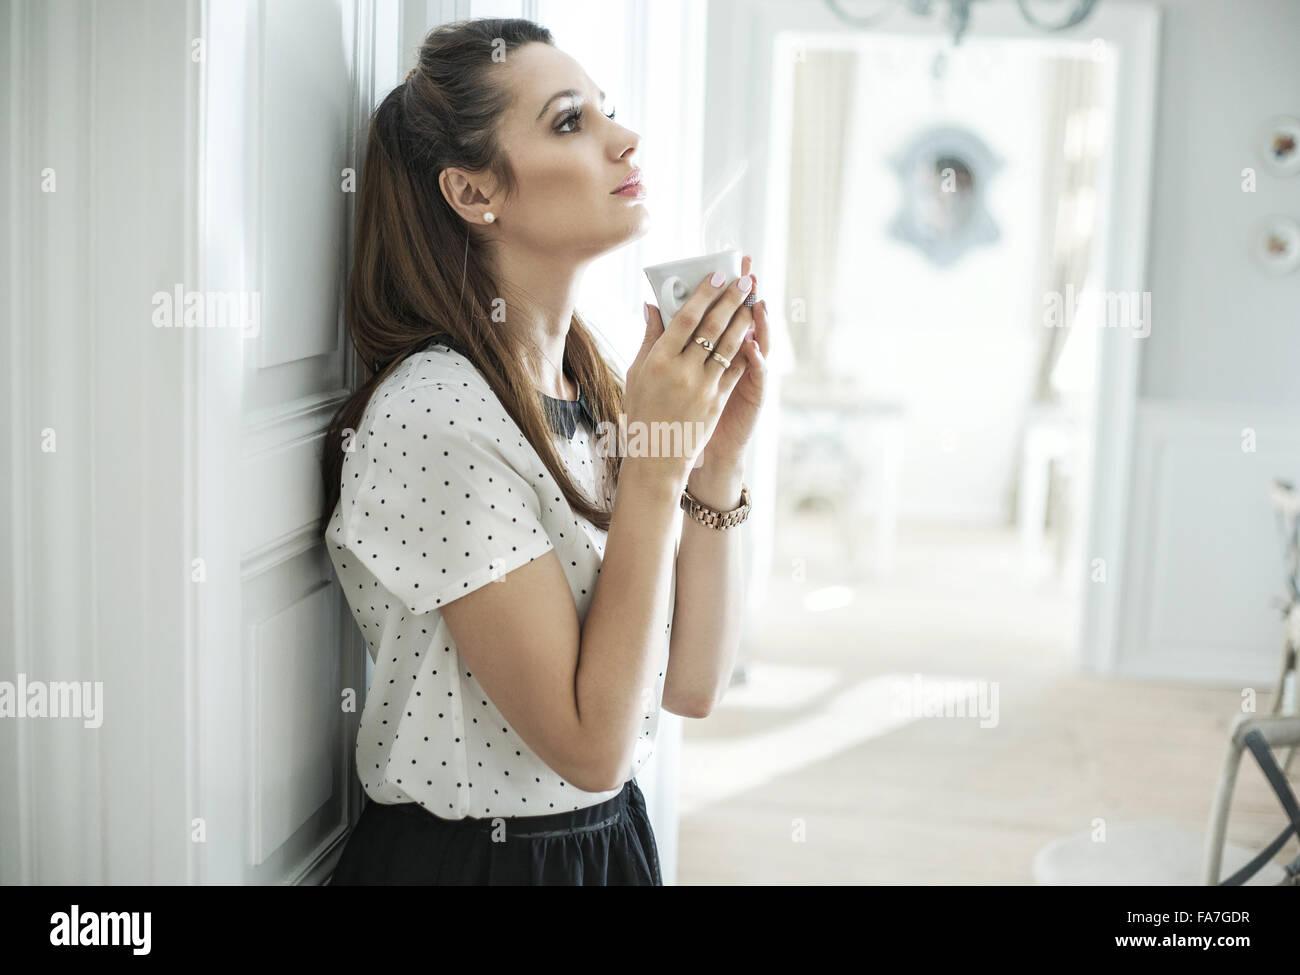 Giovane donna elegante bere un caffè scuro Immagini Stock